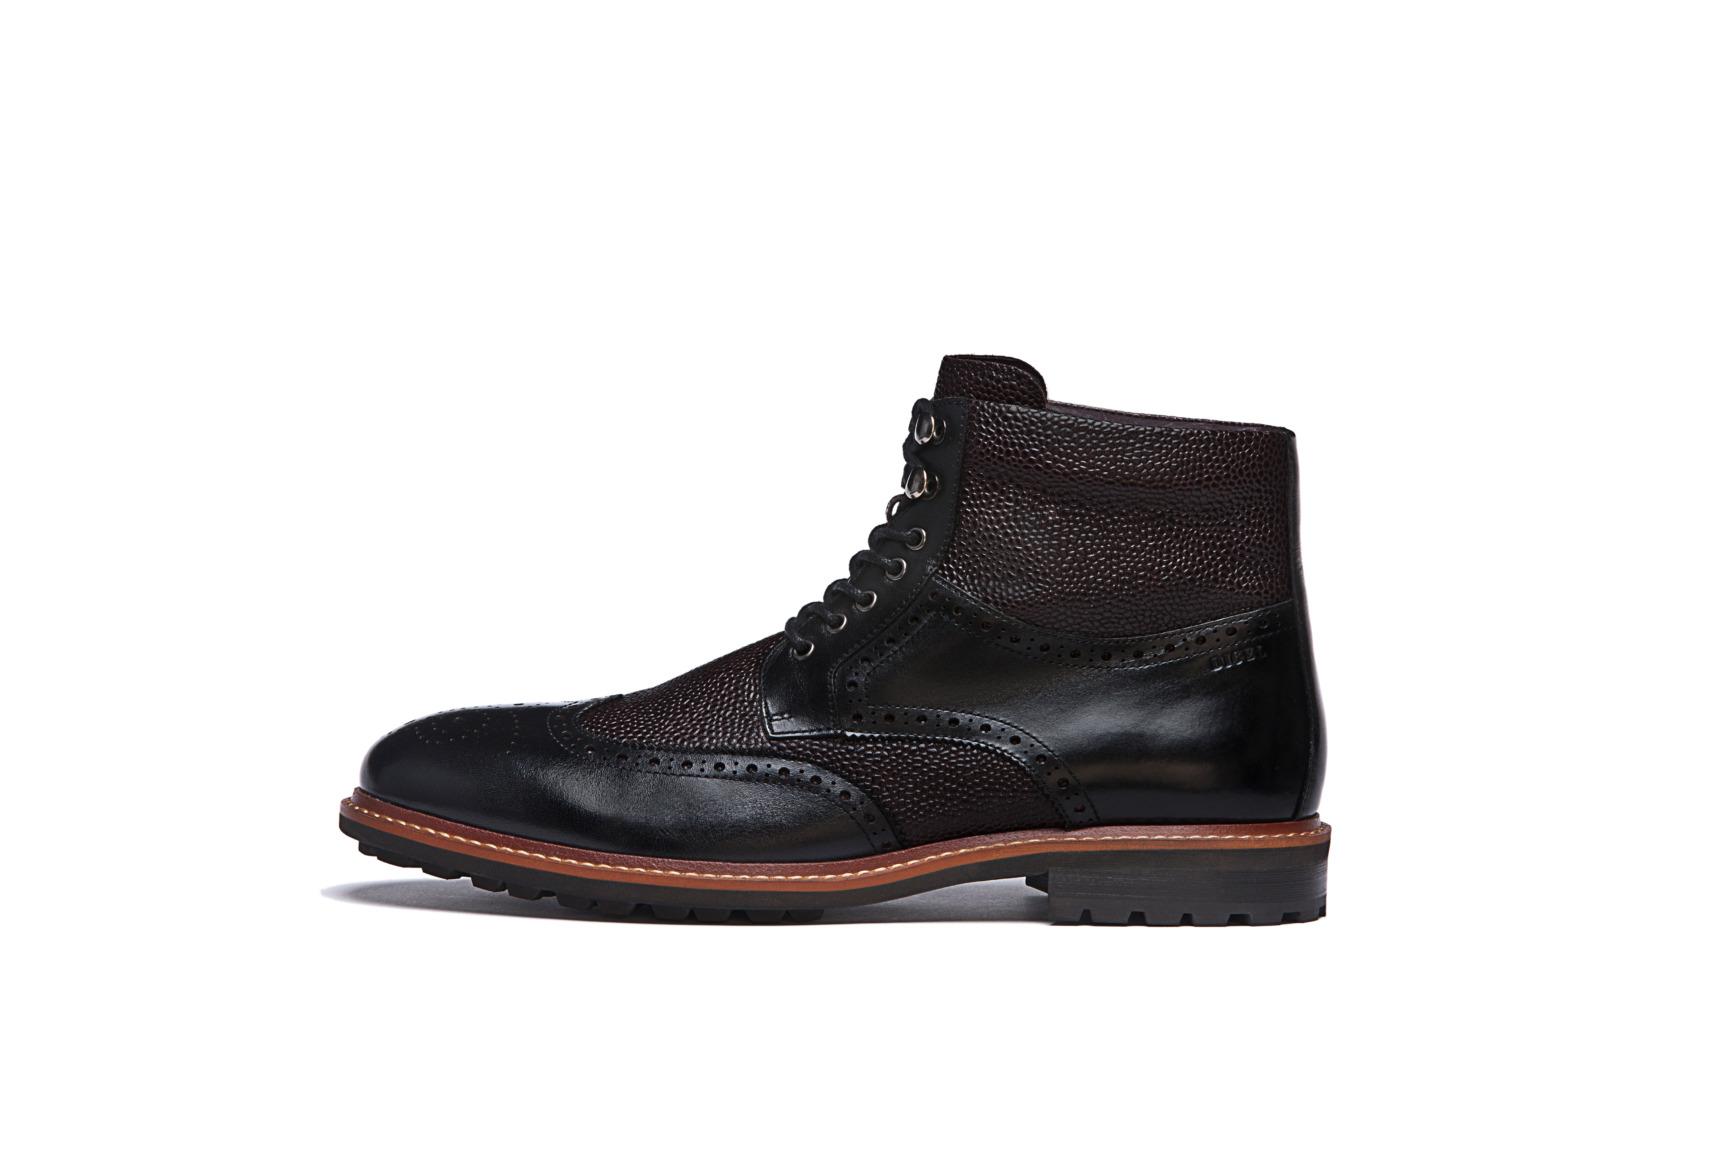 Modische Schuhe für den Bräutigam von Digel Modell SPENCER halbhohe Stiefellette in der Kombination von braun und schwarz mit Ziernähten und Reptiloptik